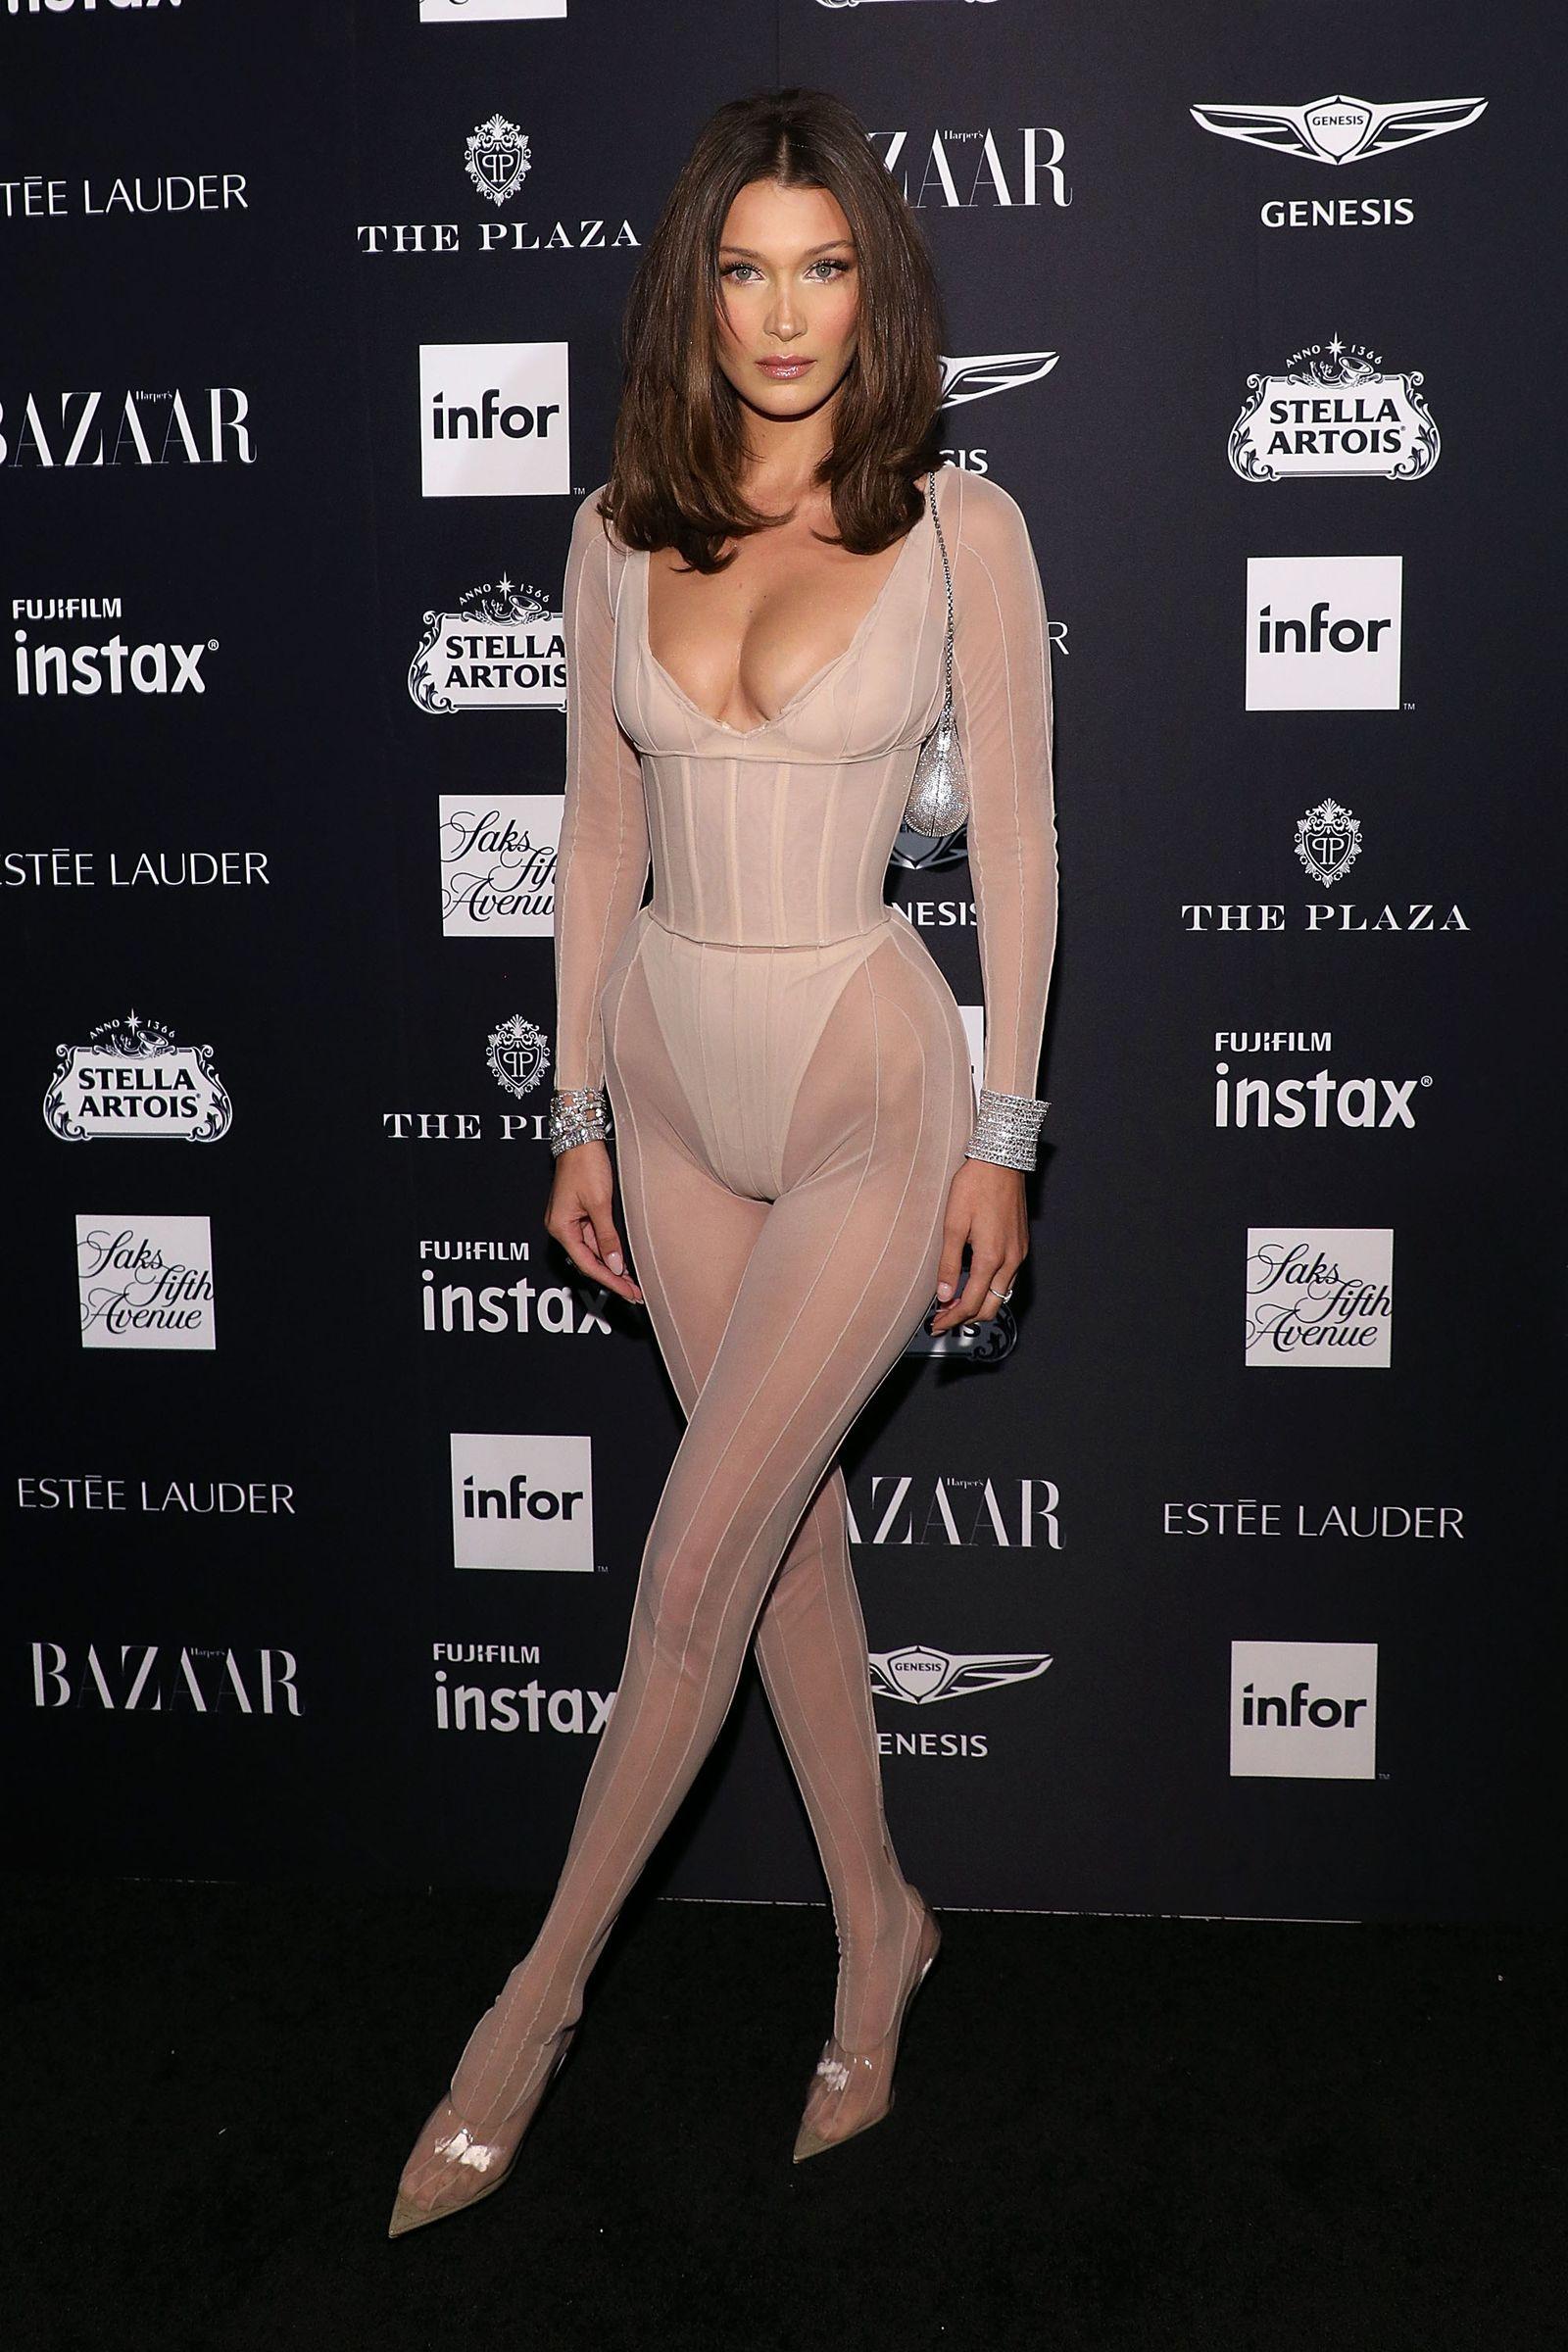 Lady bella alyssa cole   Erotic photo)